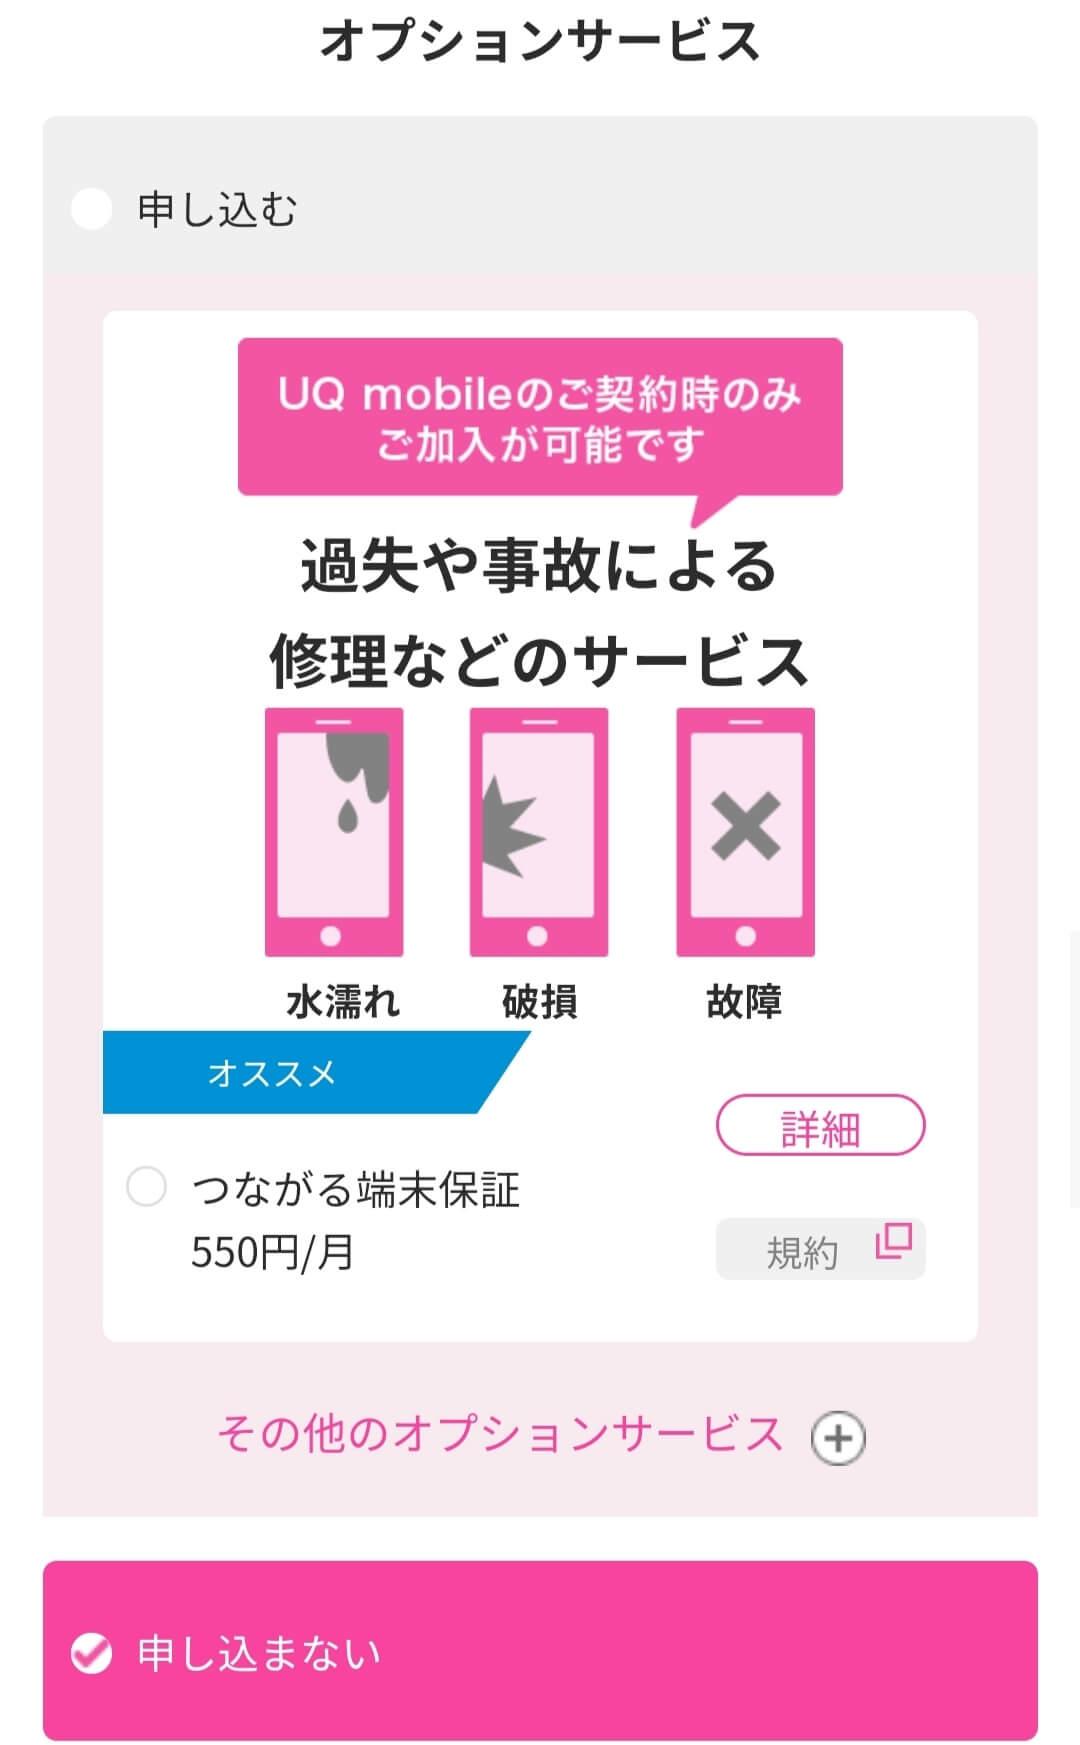 UQモバイルのオプションサービス